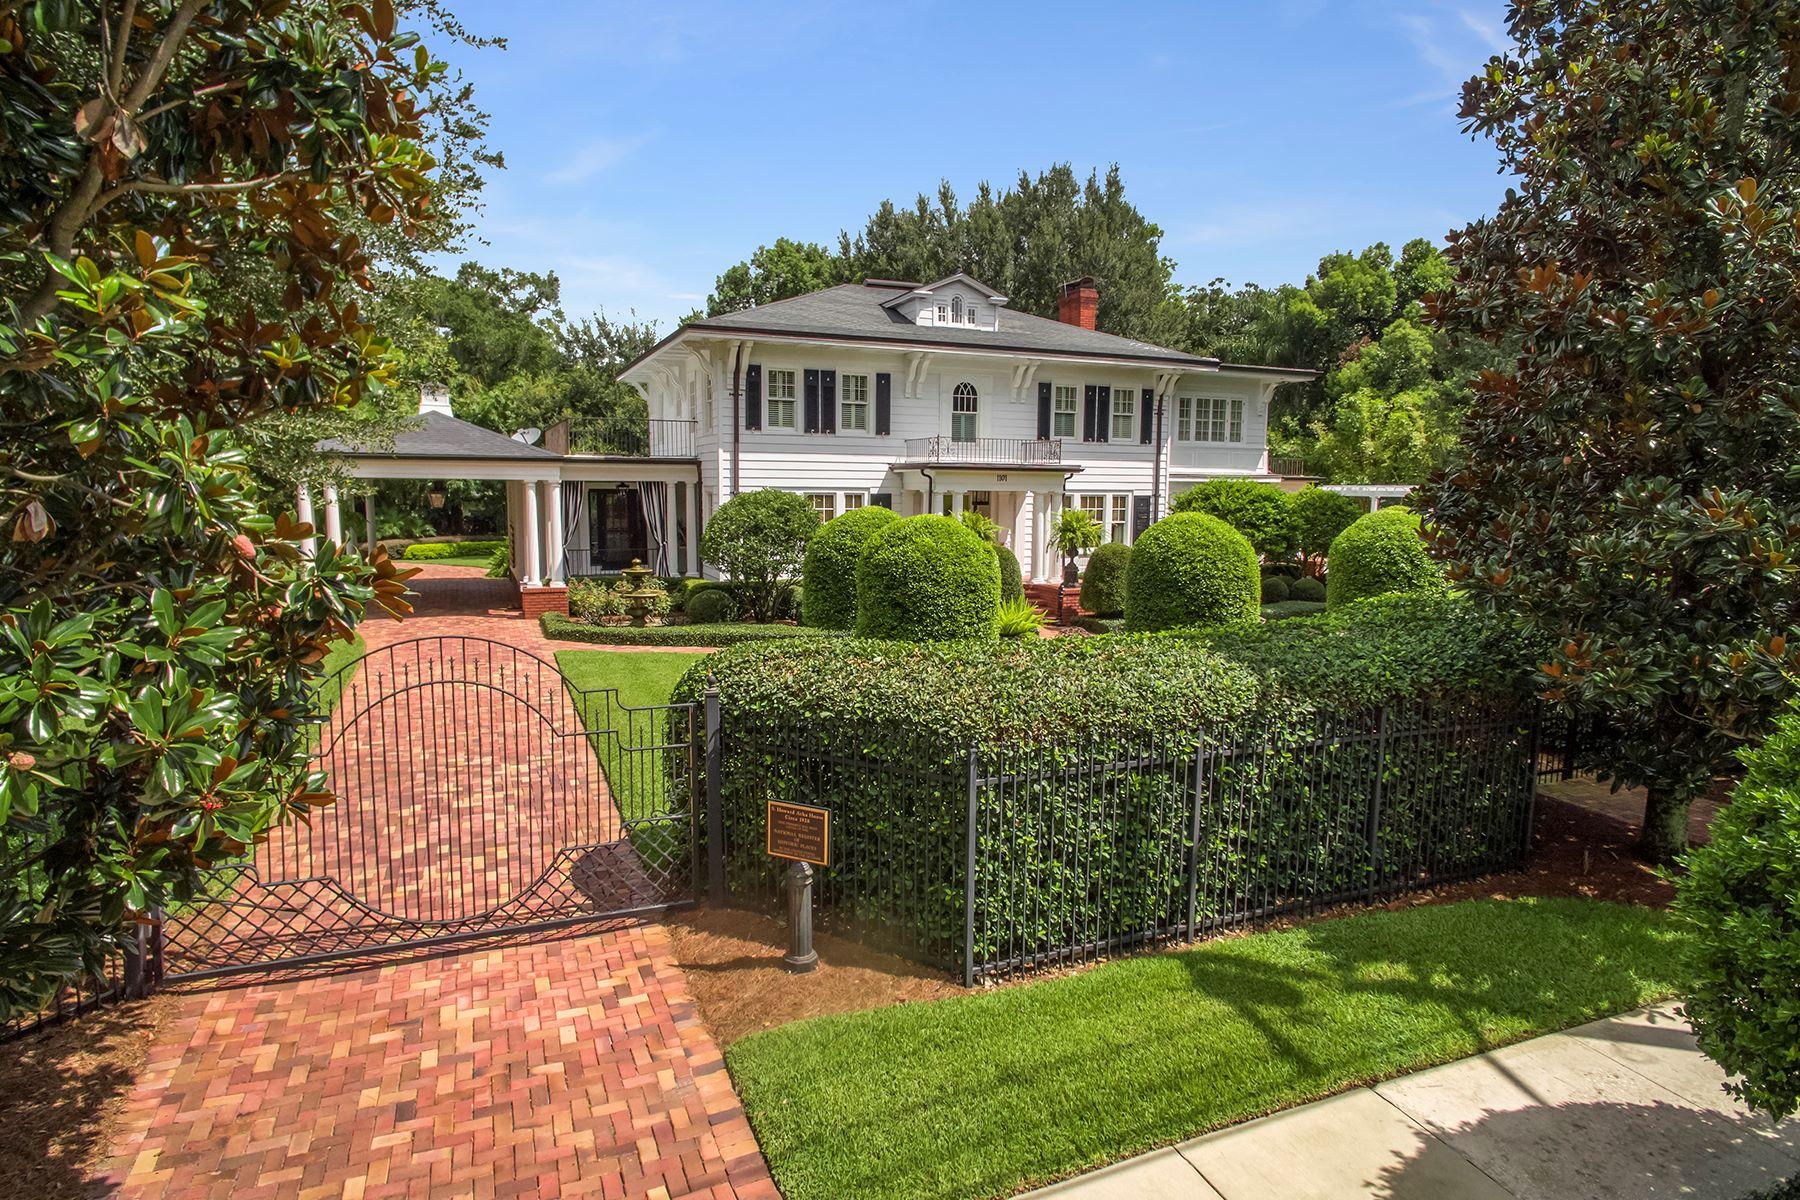 Tek Ailelik Ev için Satış at ORLANDO,FLORIDA 1101 W Princeton St Orlando, Florida, 32804 Amerika Birleşik Devletleri